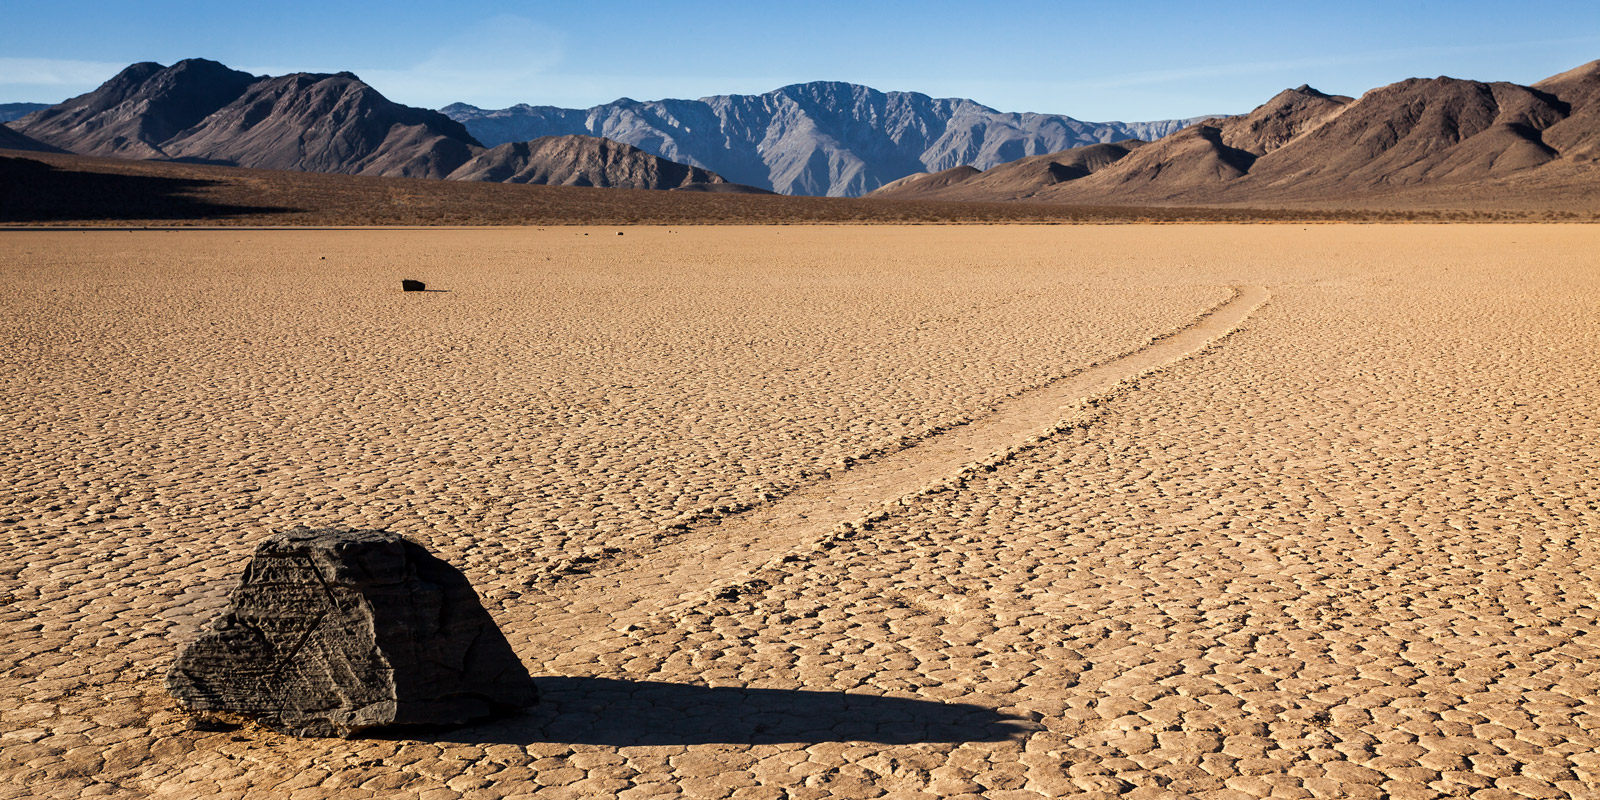 terrestre cosmogenic-nuclide datazione di tifosi alluvionali in Death Valley California datazione rocce metamorfici